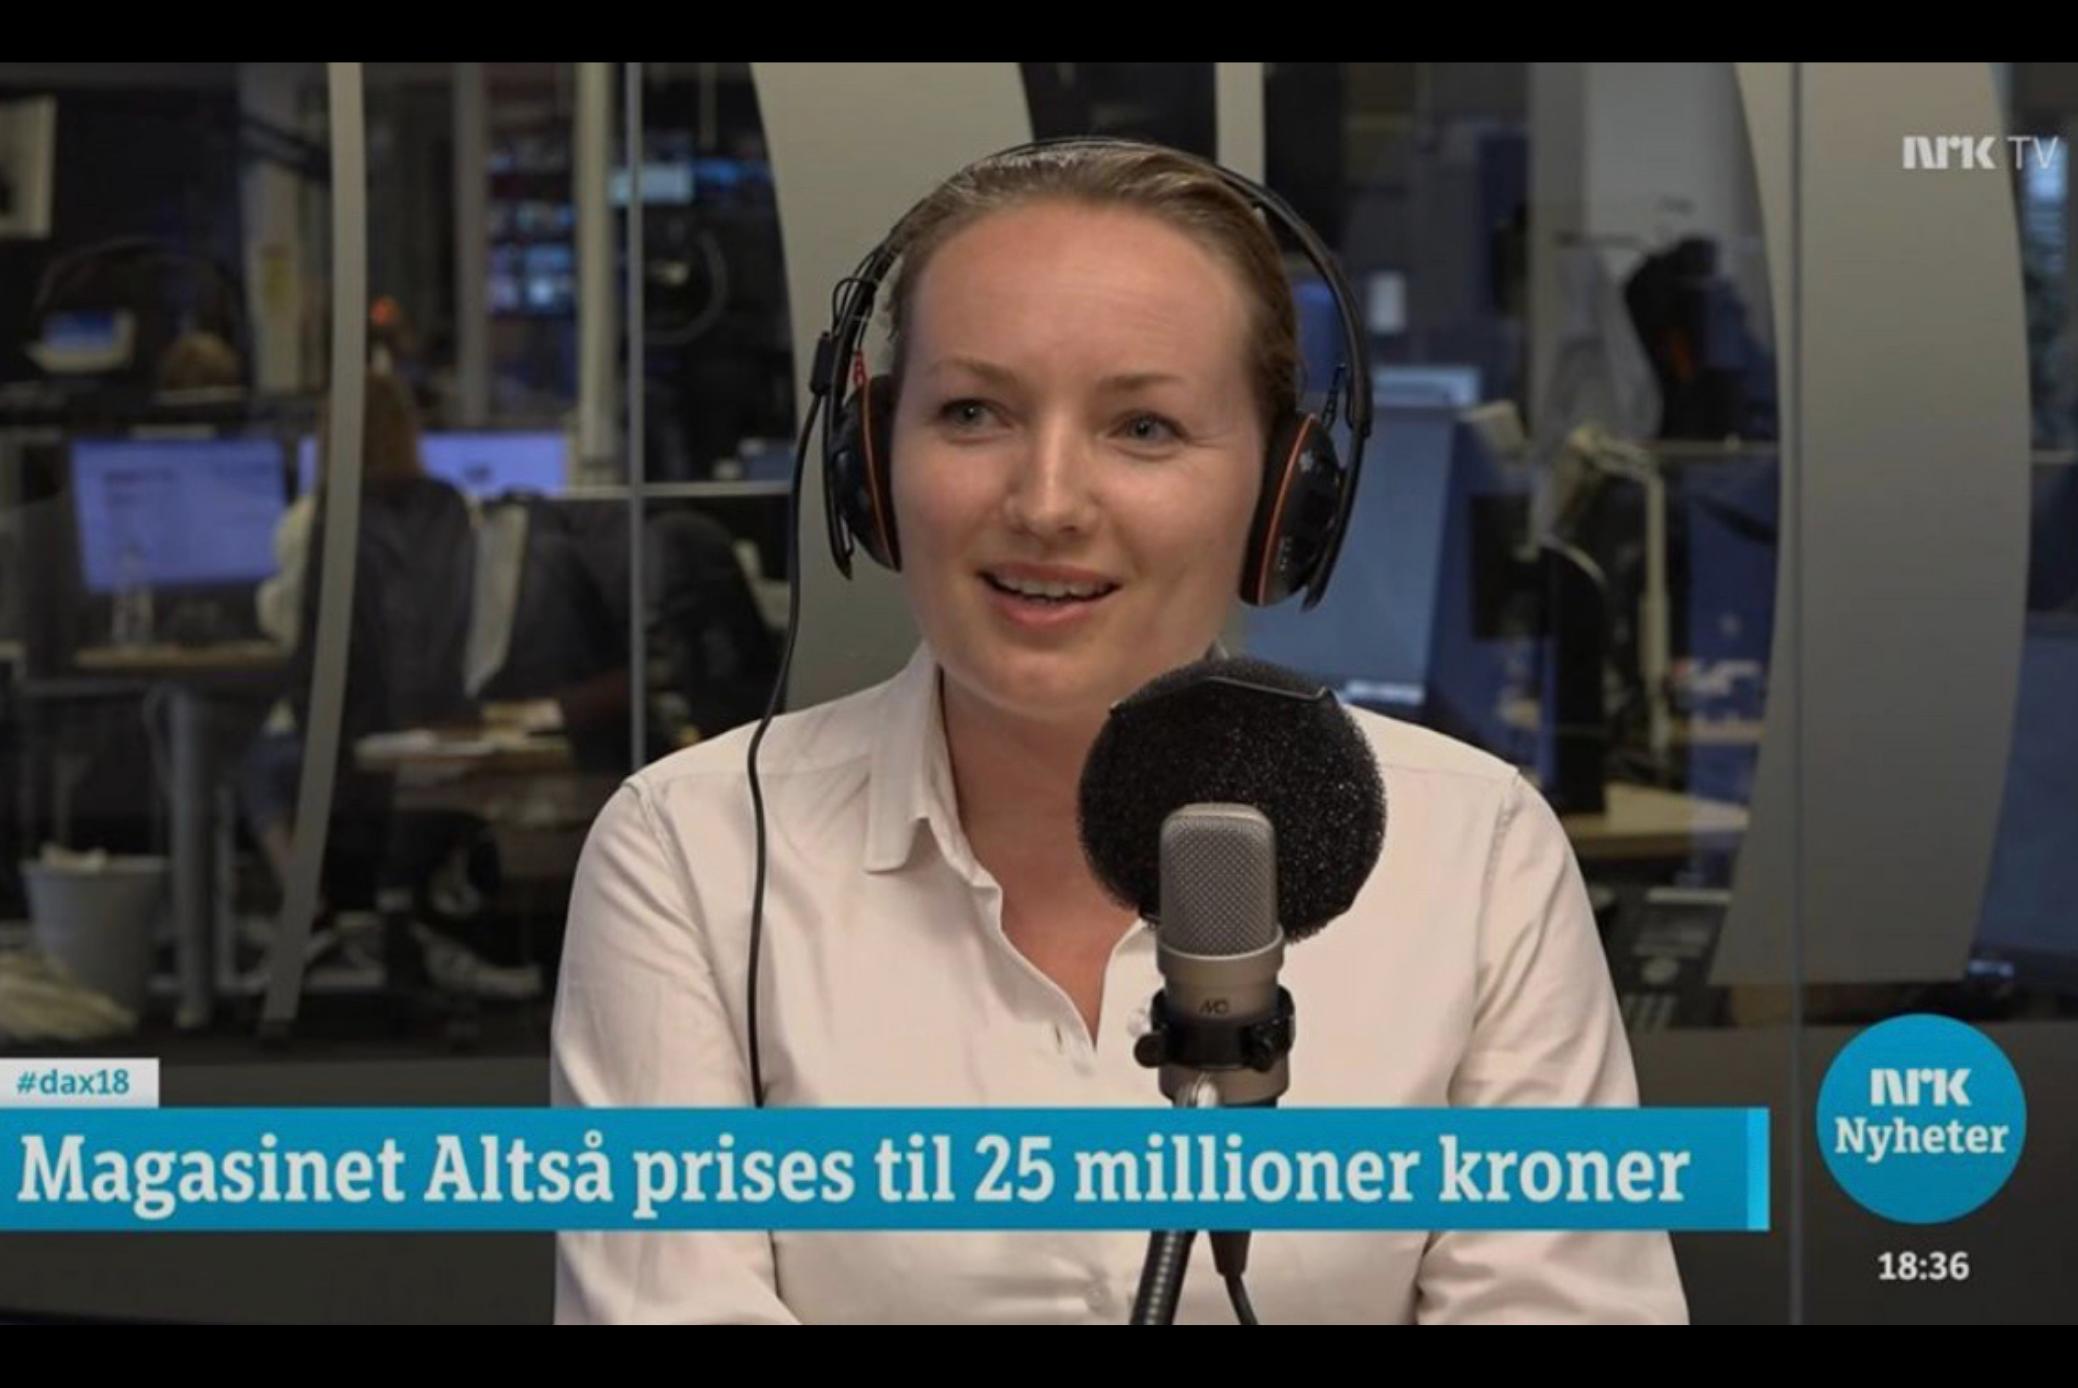 ALTSÅ prises til 25 millioner